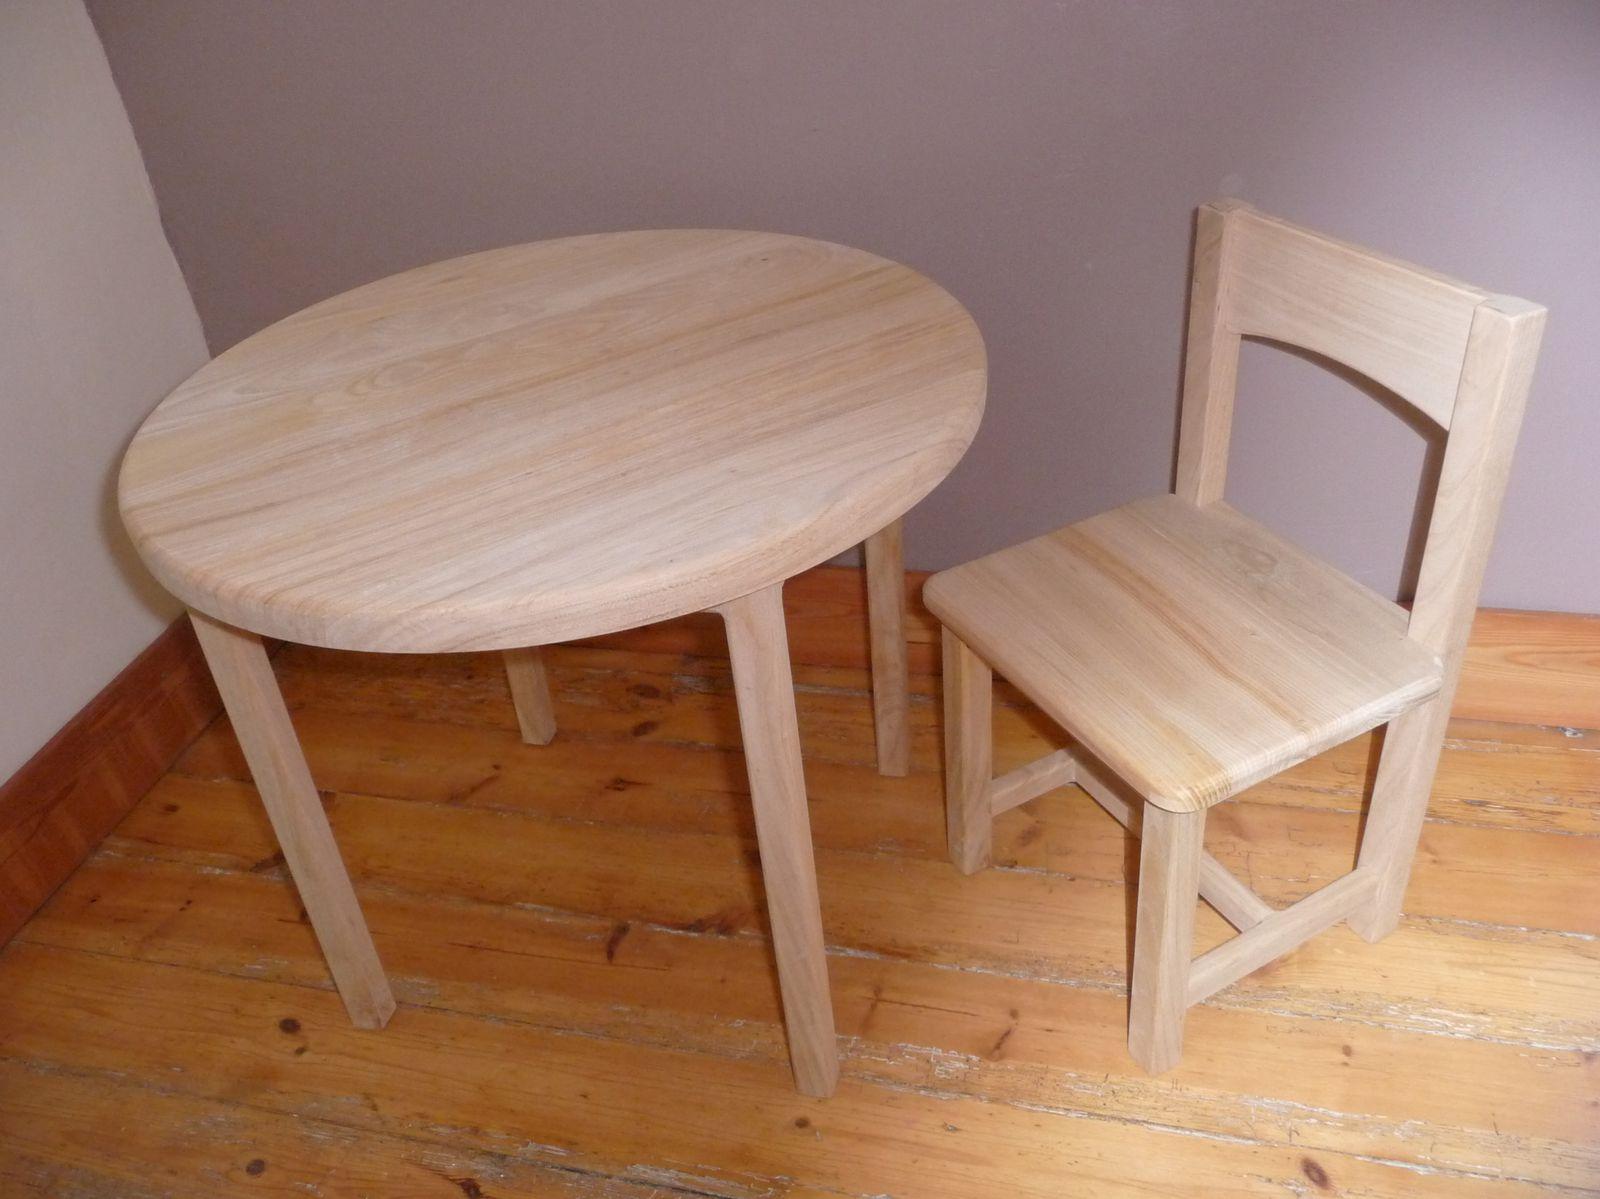 Petite table et chaise maison design for Petite table avec chaise